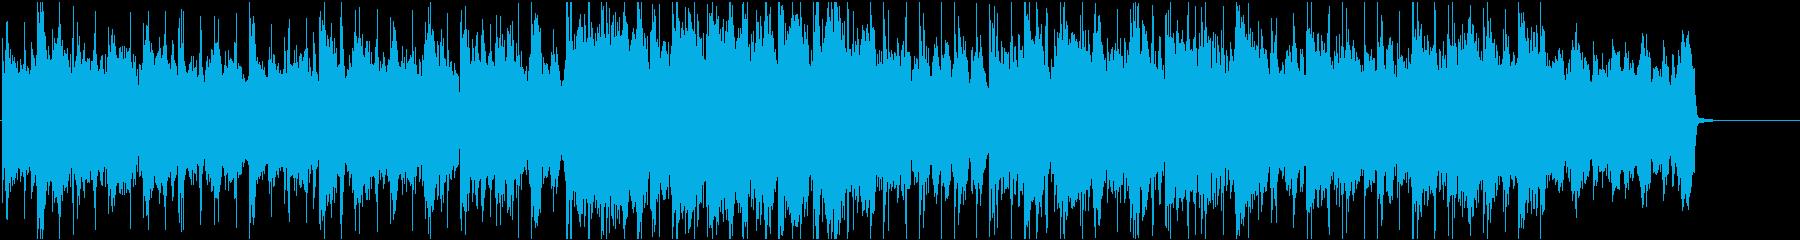 ピアノによる洗練された美の再生済みの波形